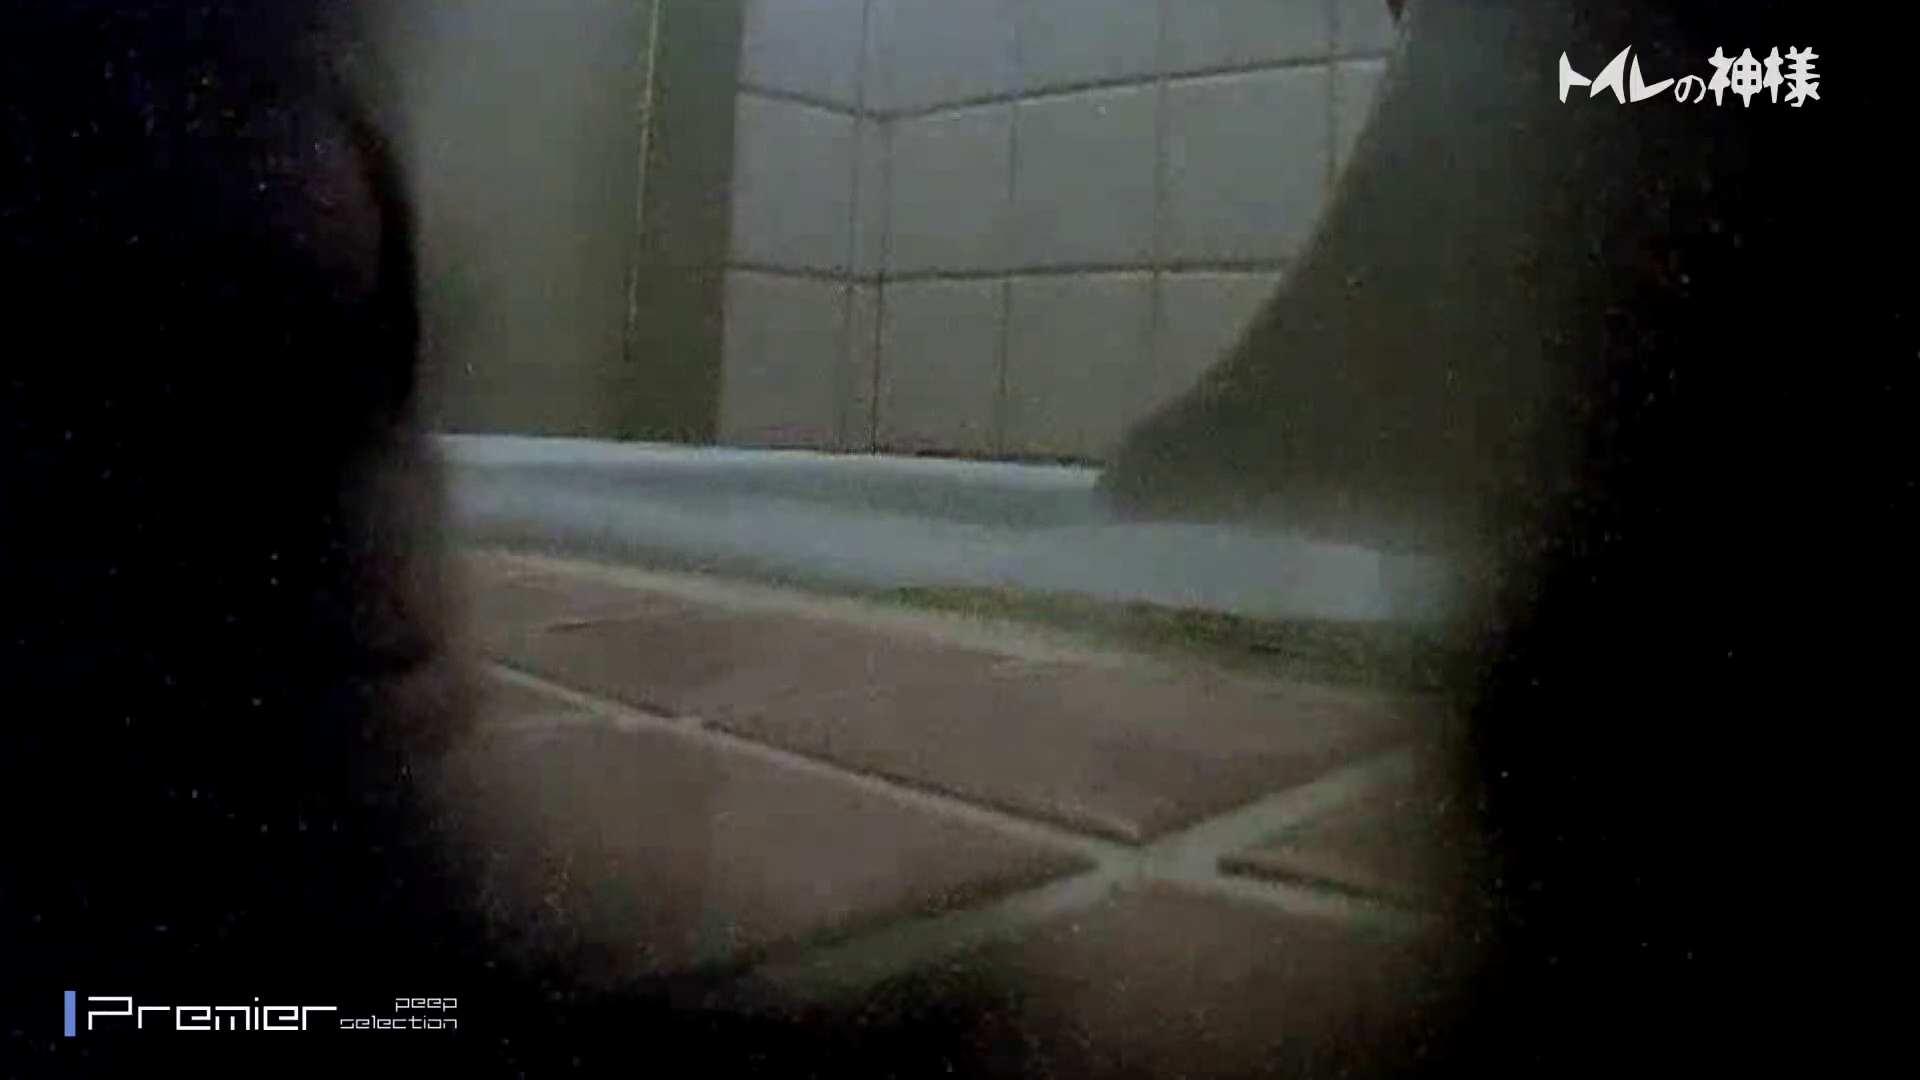 kyouko排泄 うんこをたくさん集めました。トイレの神様 Vol.14 OL   リアルすぎる排泄  83連発 52